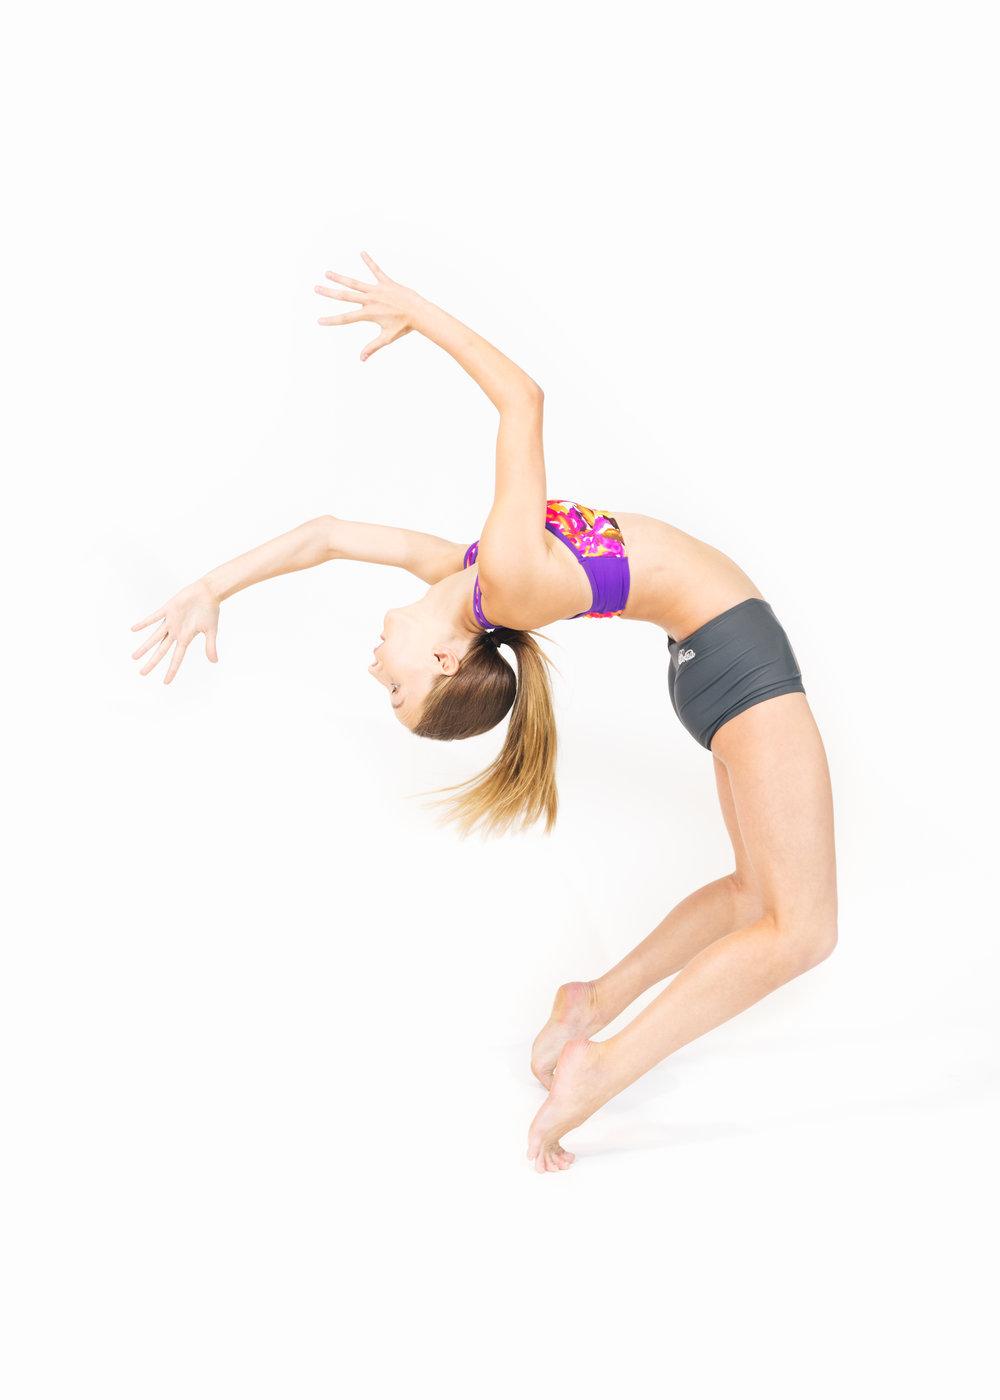 August 2017 Portland Dance Center Emma Devin 0G5A6201.jpg